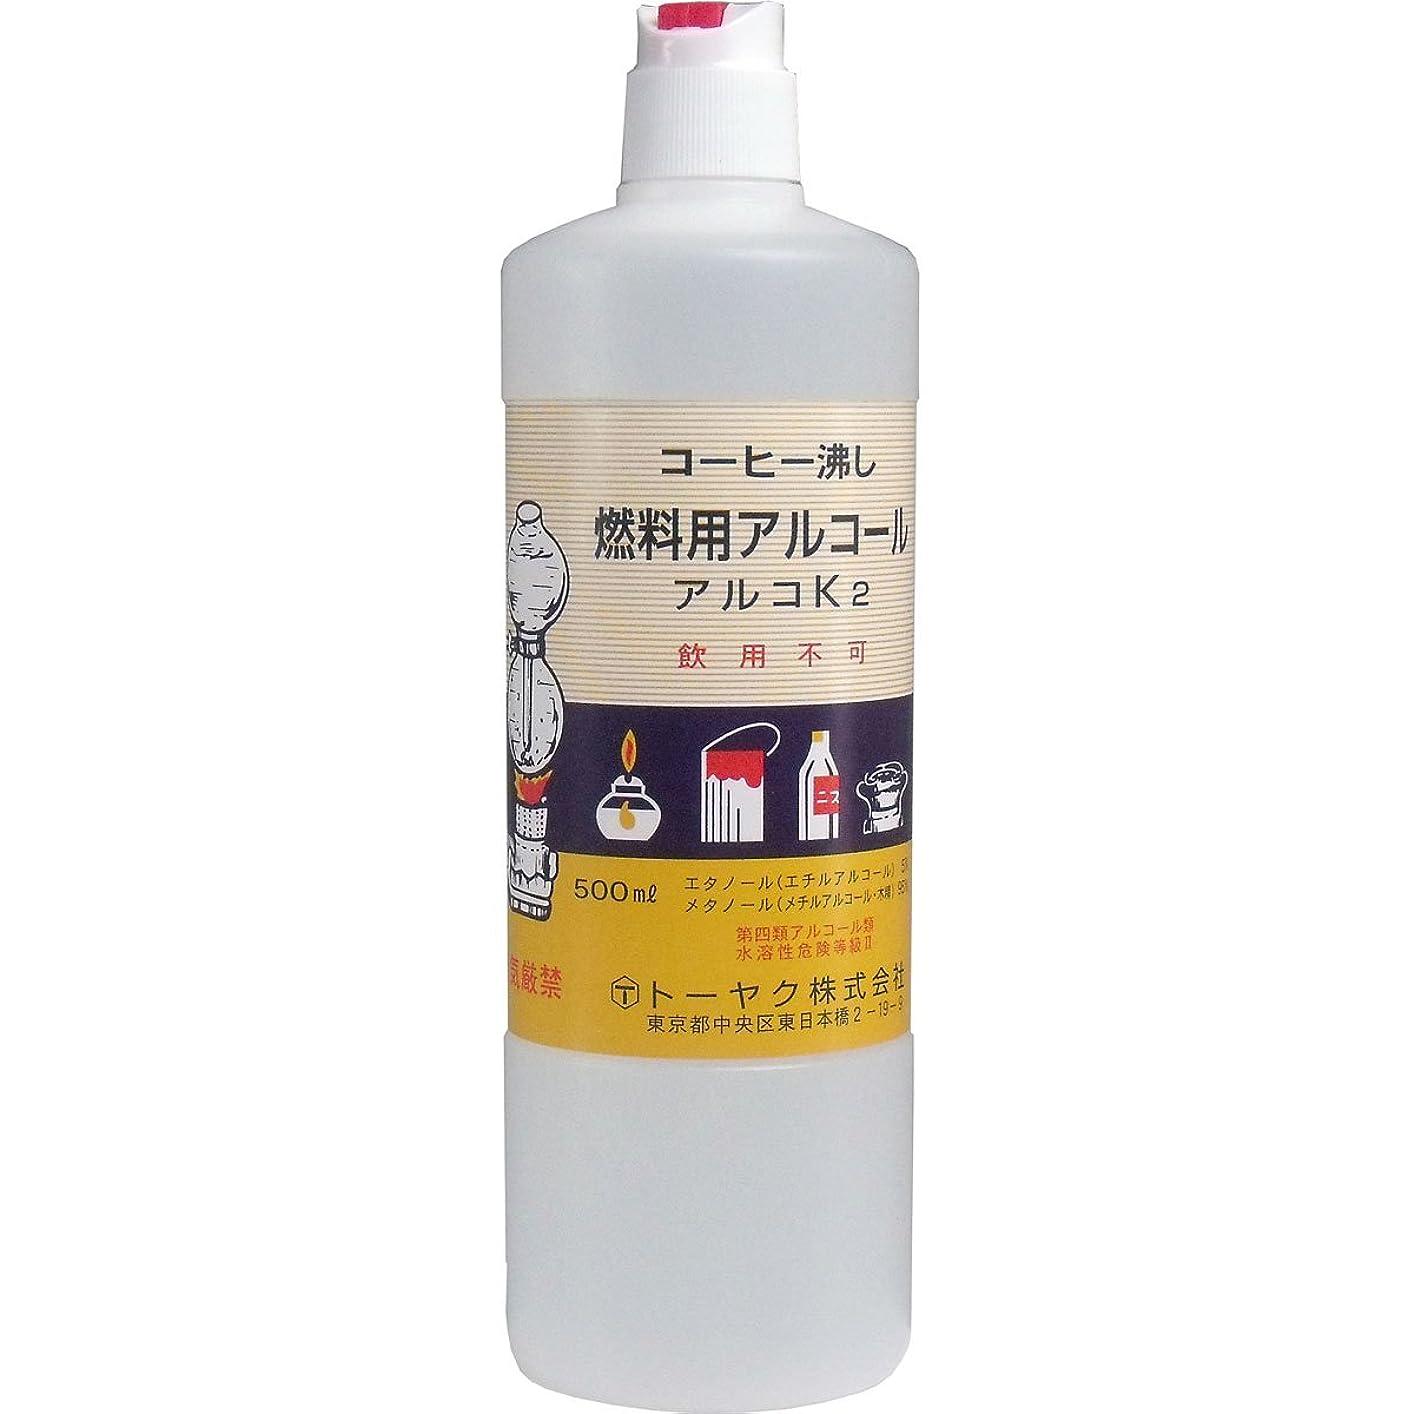 奇妙なクルーズ奨学金燃料用アルコール アルコK2 ×3個セット